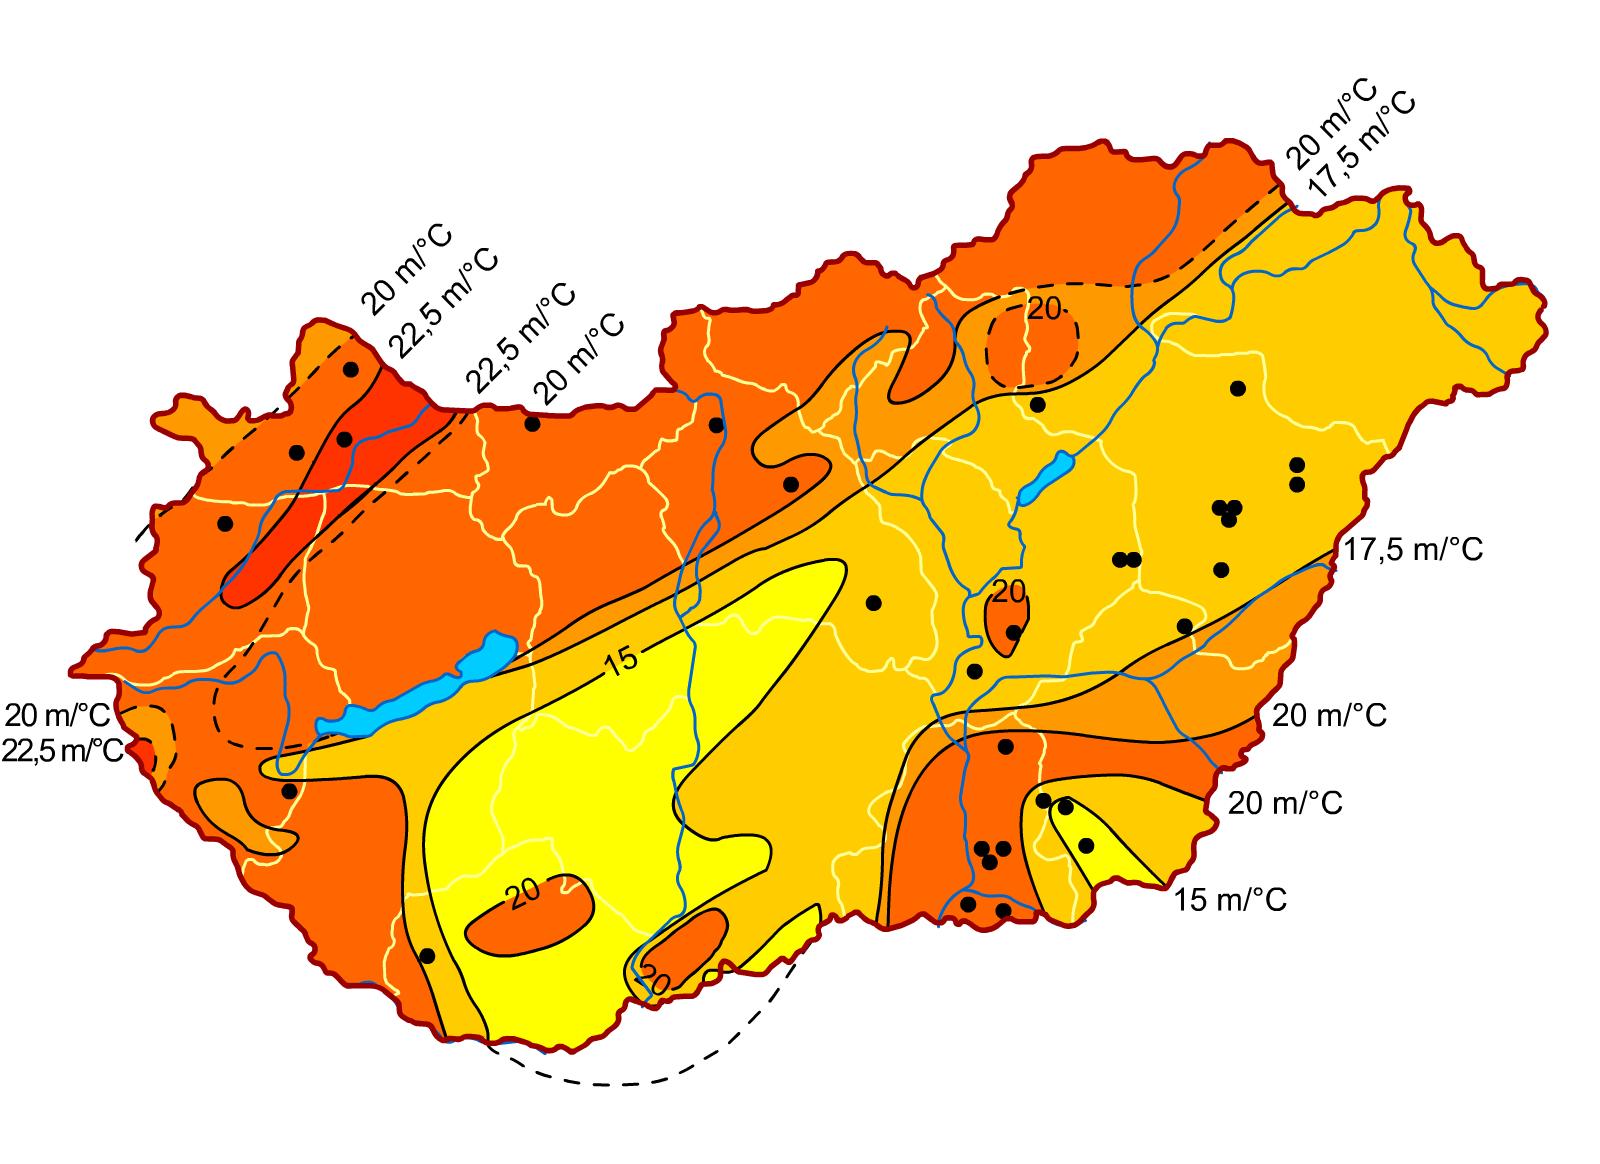 magyarország héviz térkép Műszaki alapismeretek | SuliTudásbázis magyarország héviz térkép